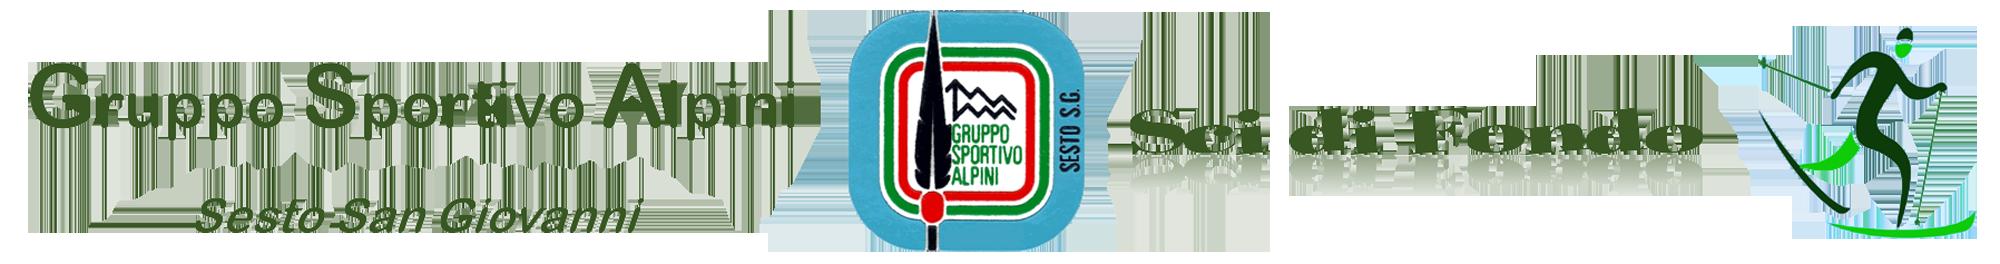 Gruppo Sportivo Alpini